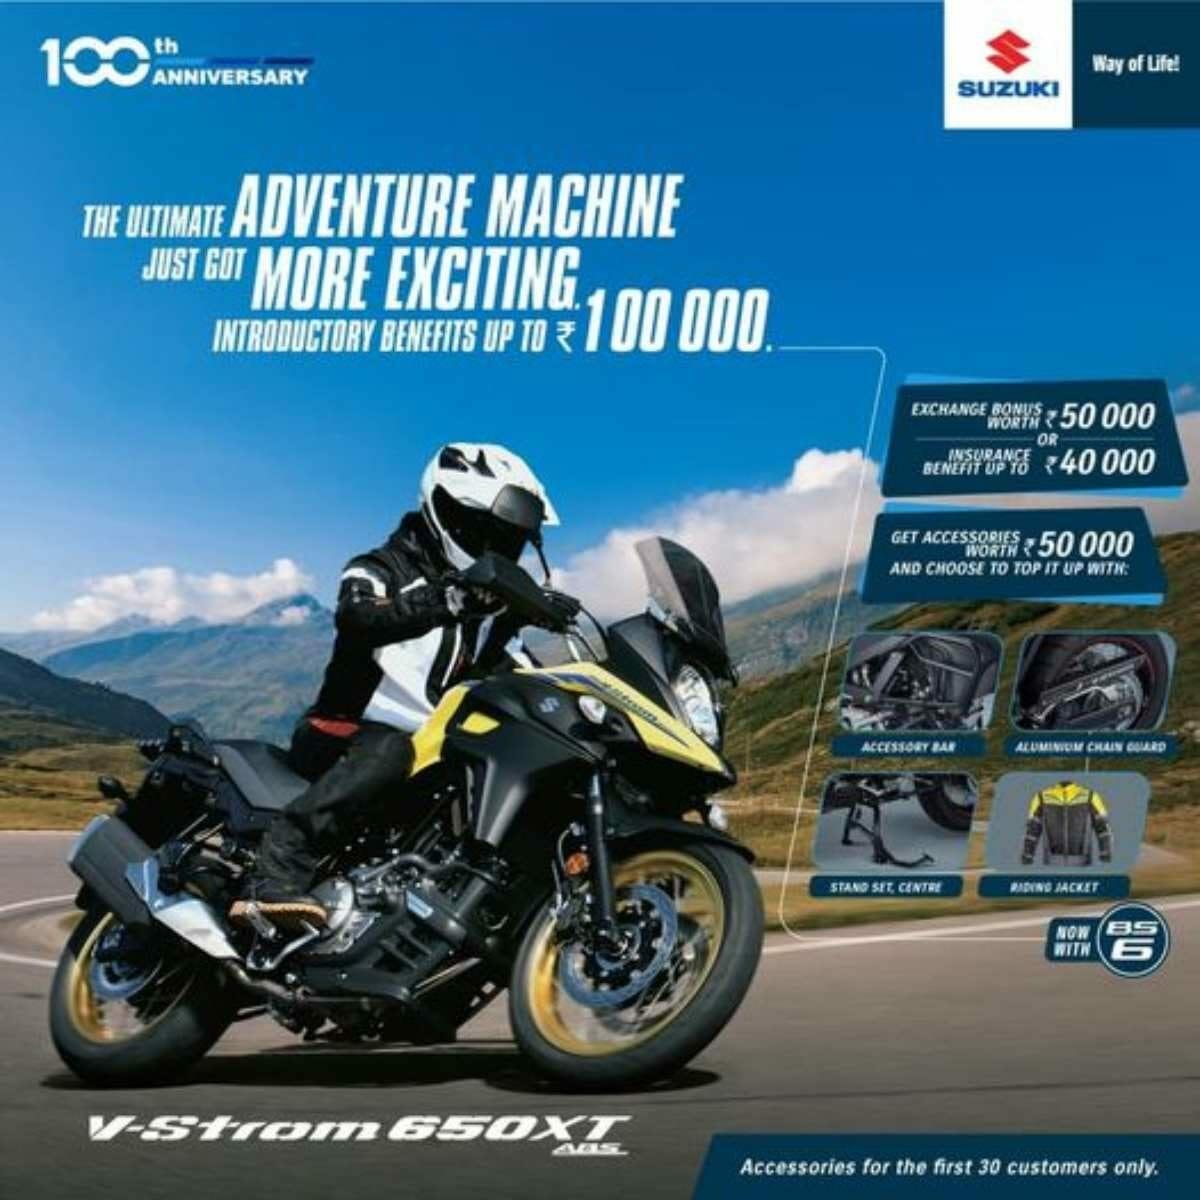 Suzuki Vstrom 650 XT offer